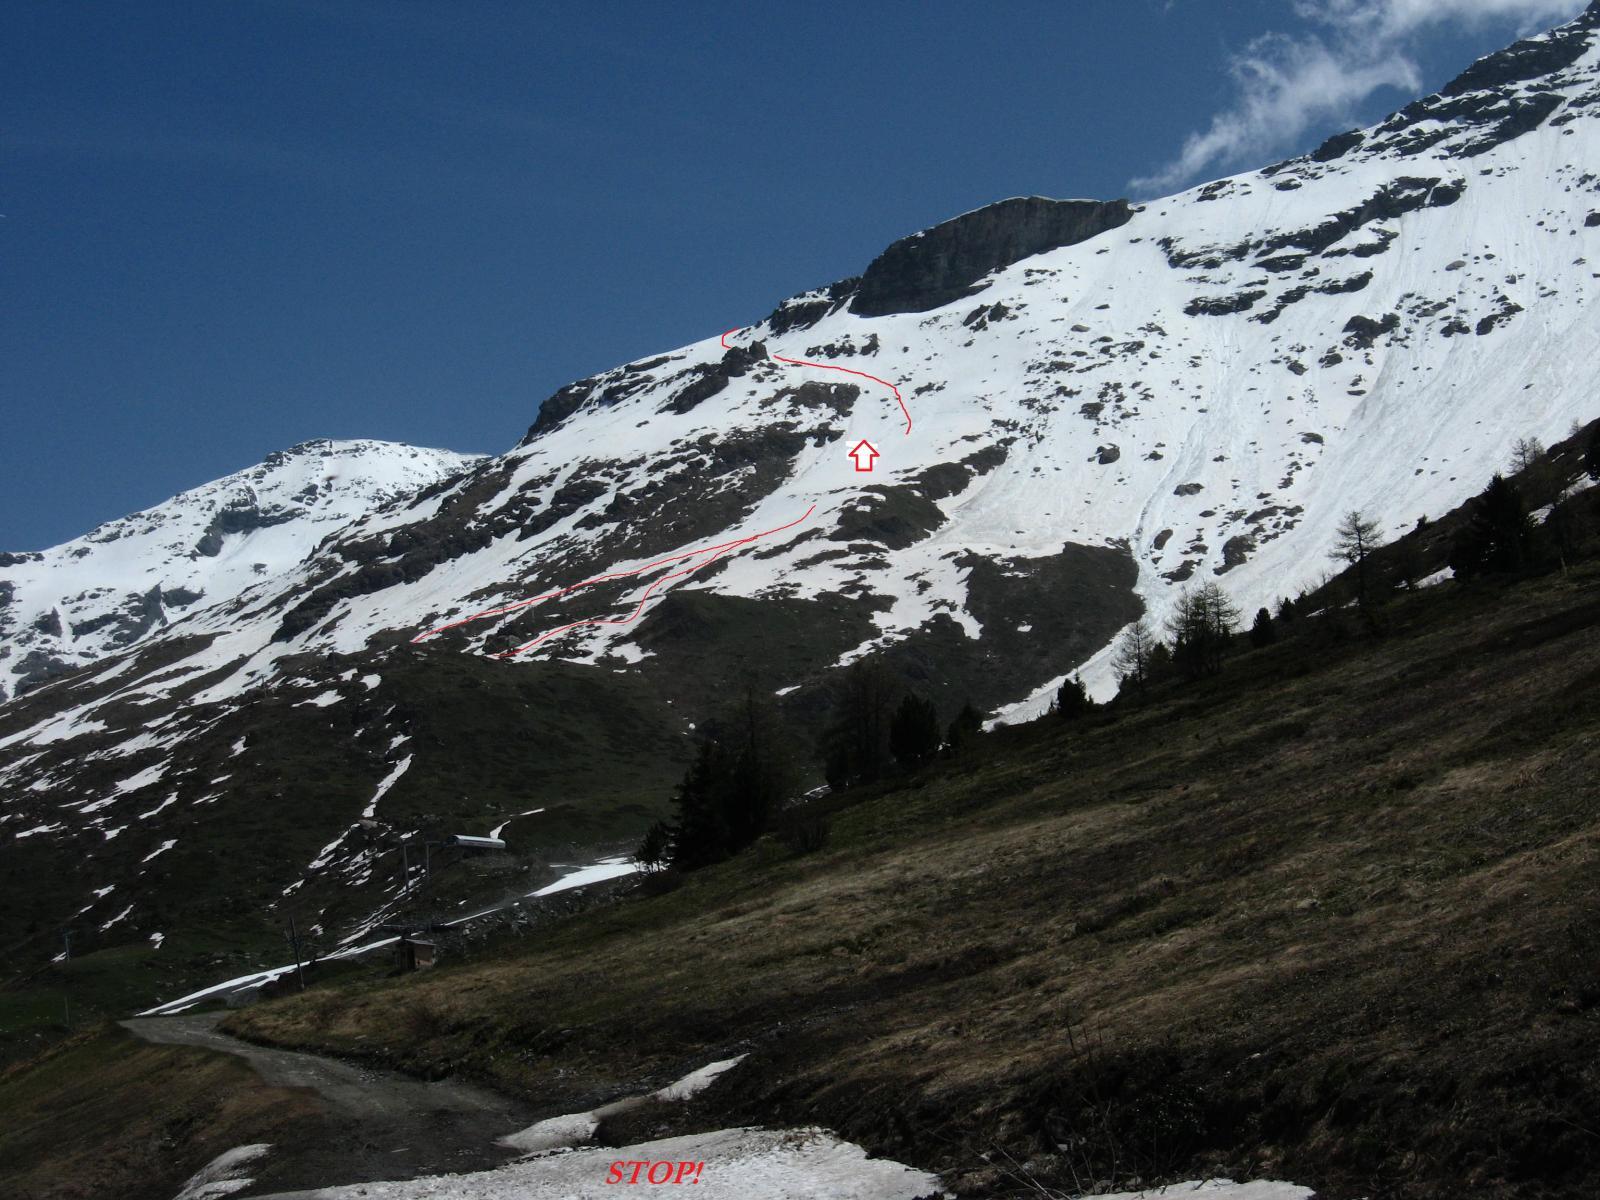 La traccia e la neve che ci ha stoppato